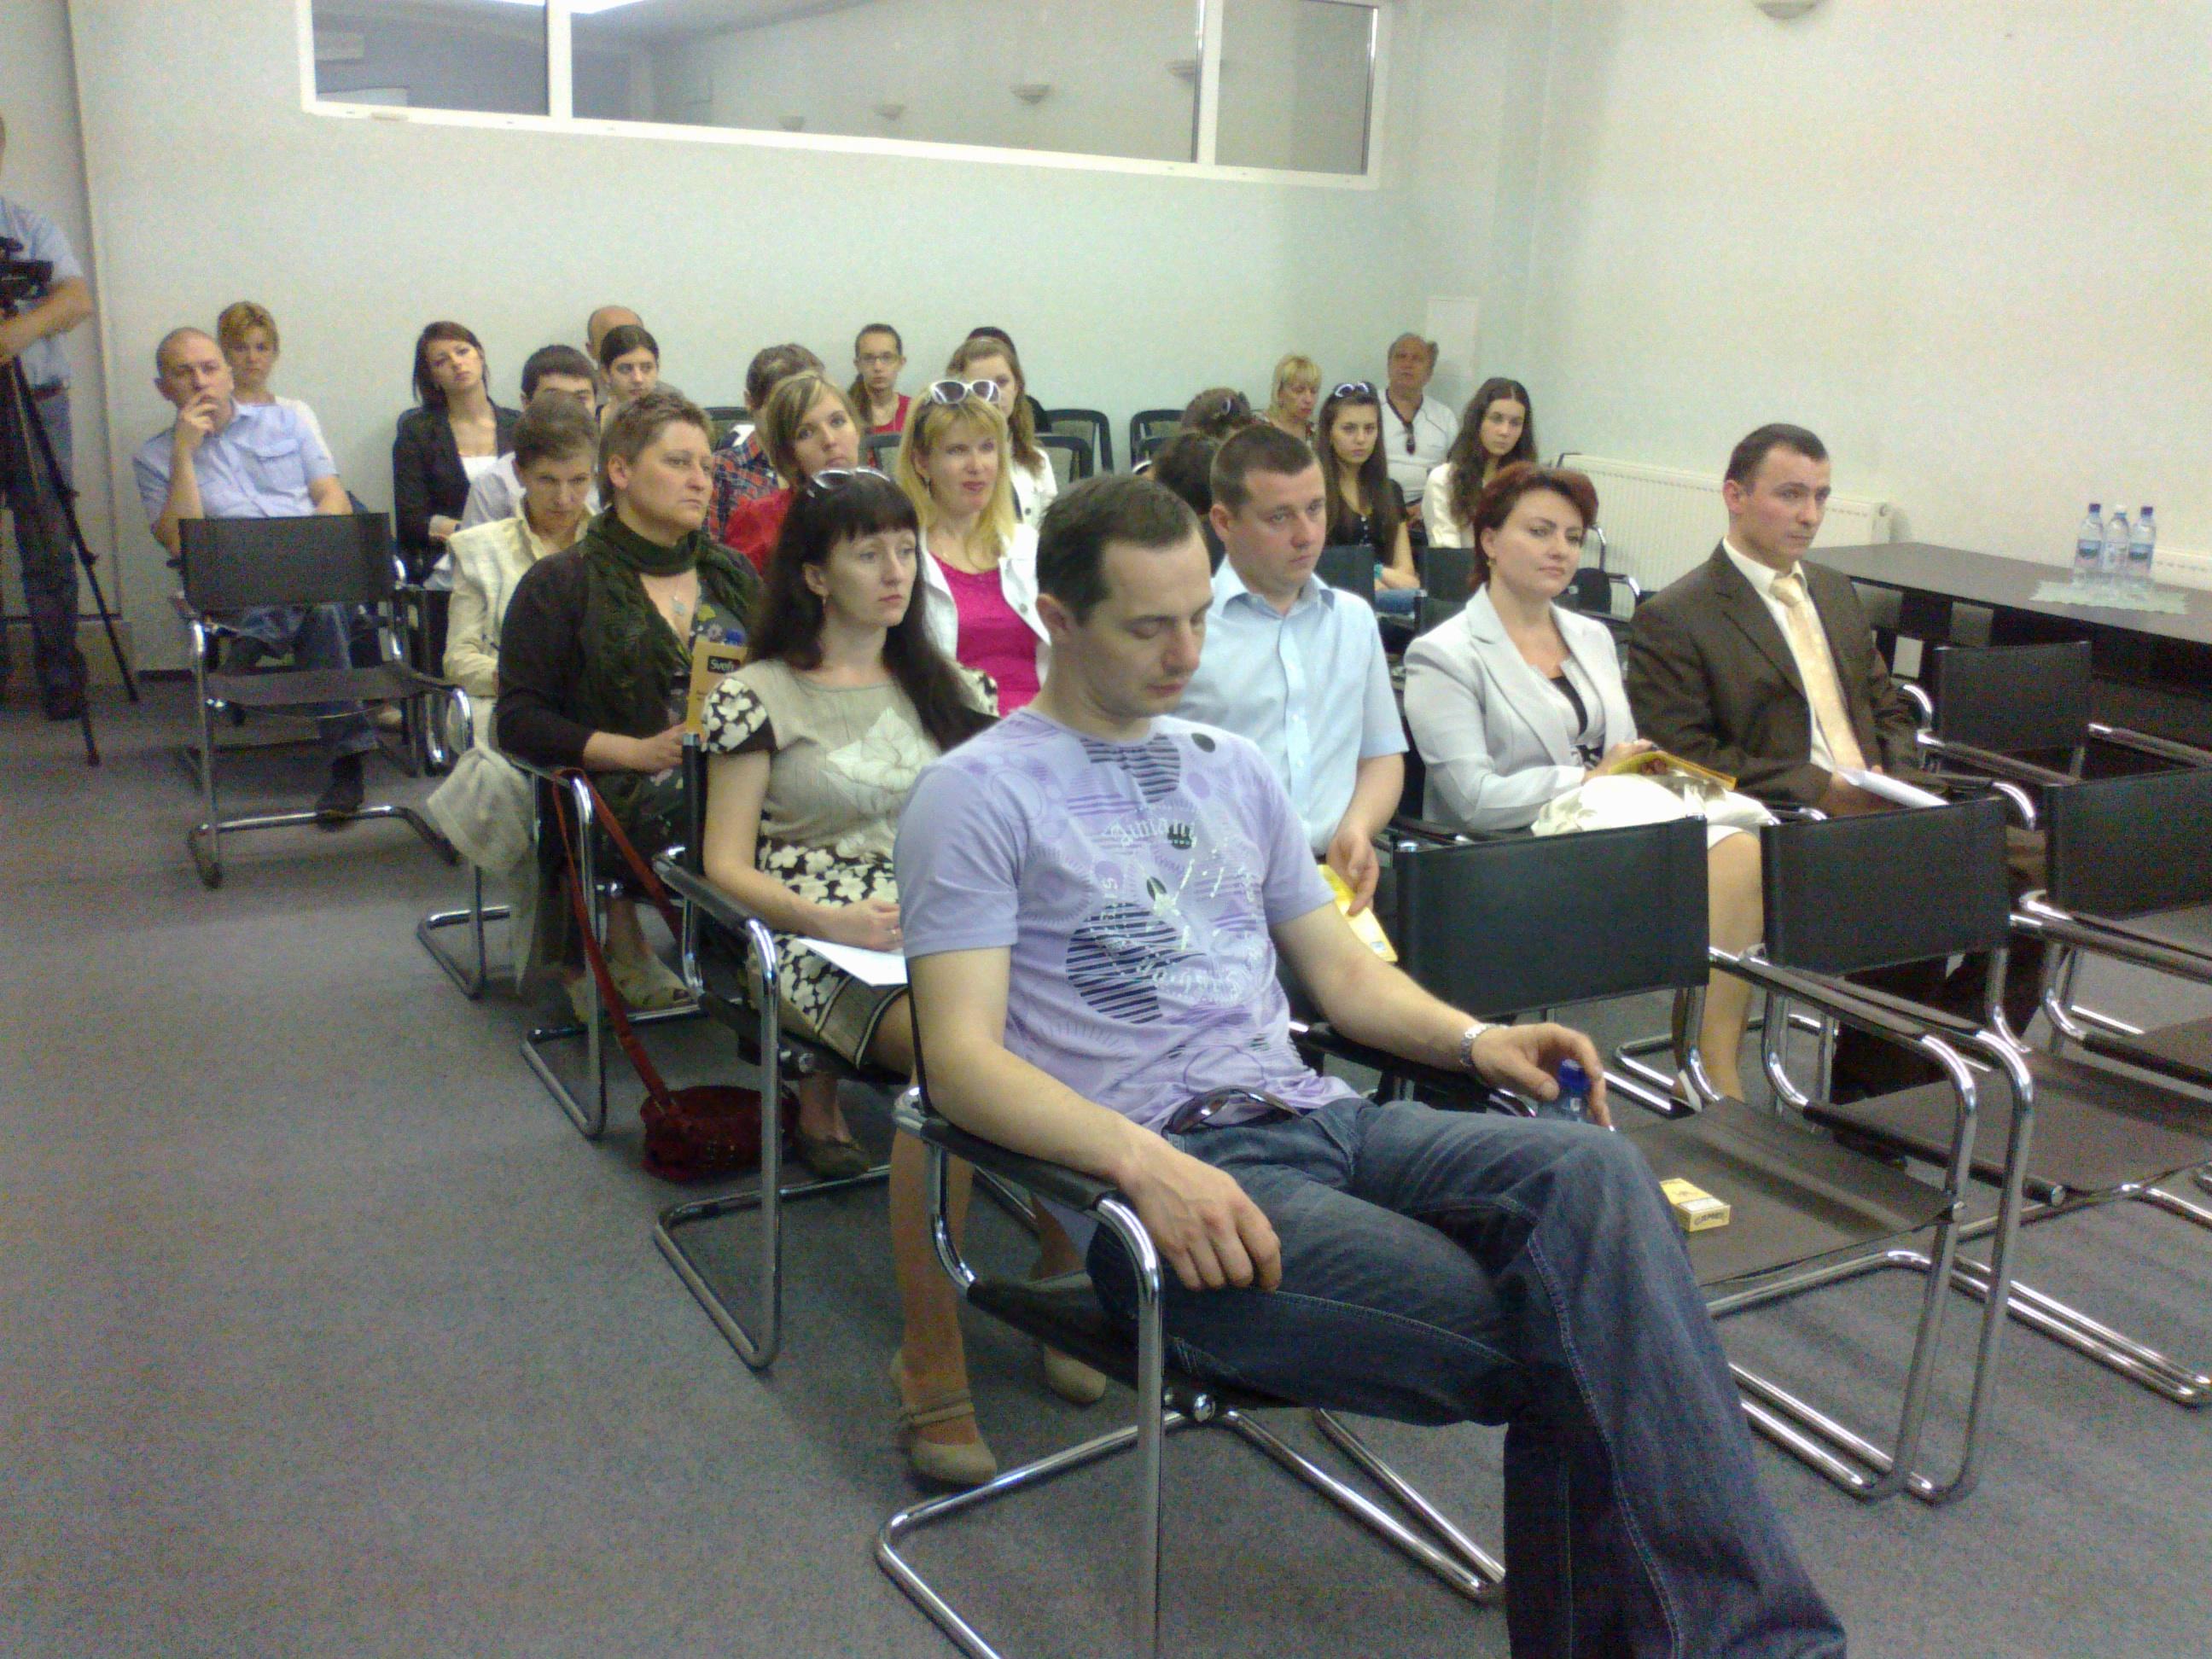 Семінар в Ужгороді 29.04.2012 р. Слухачі семінару